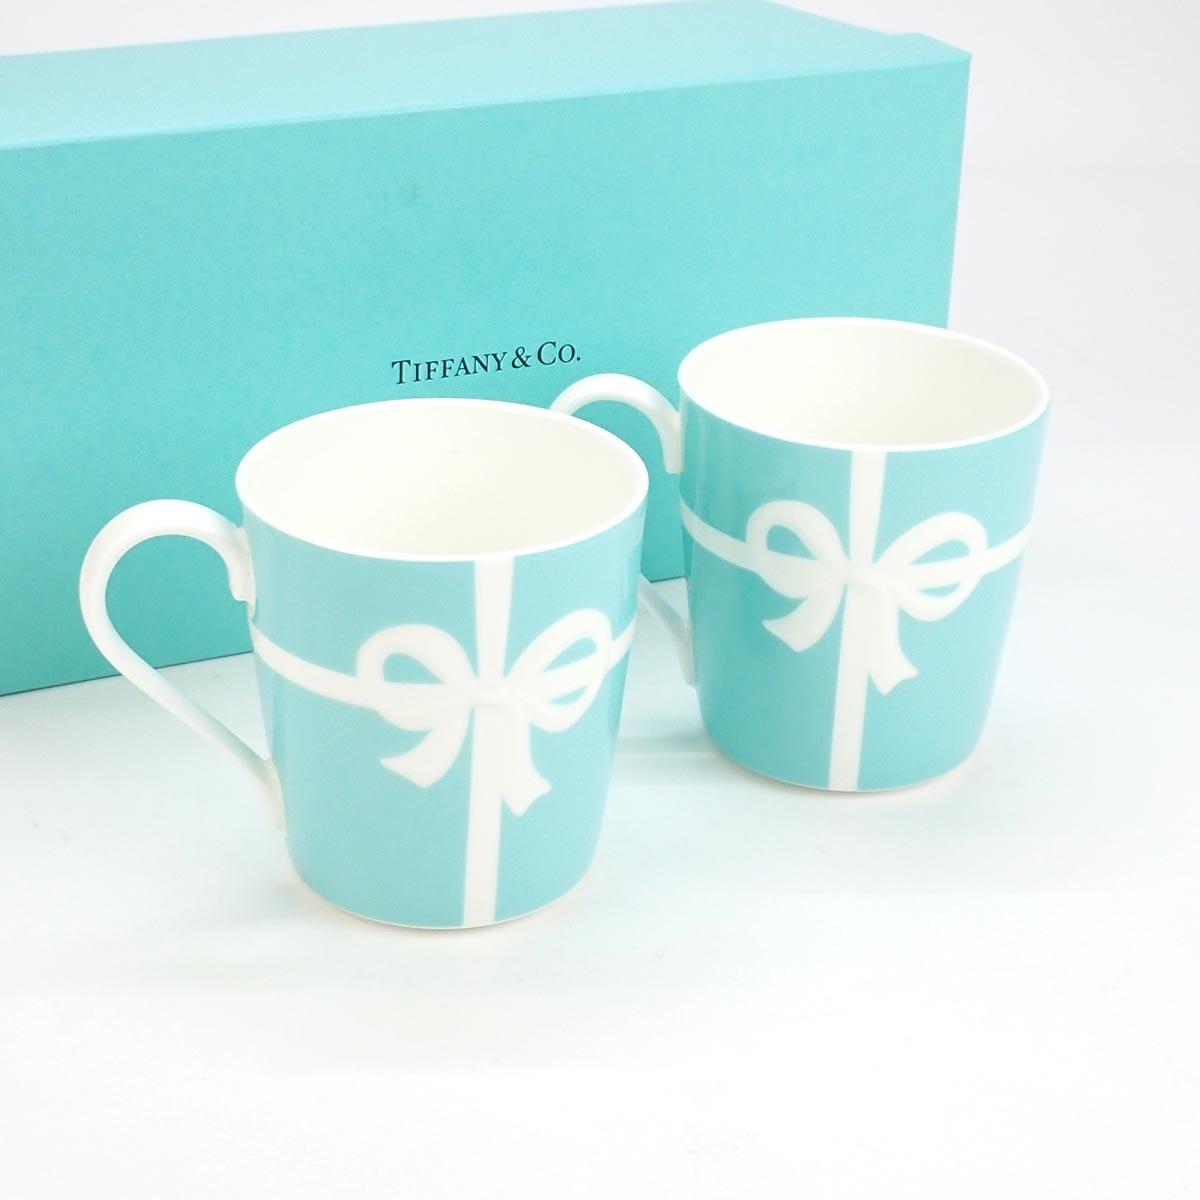 【辛口評価】【Sランク】TIFFANY ティファニー リボン ペア マグカップ  ブルーボックス